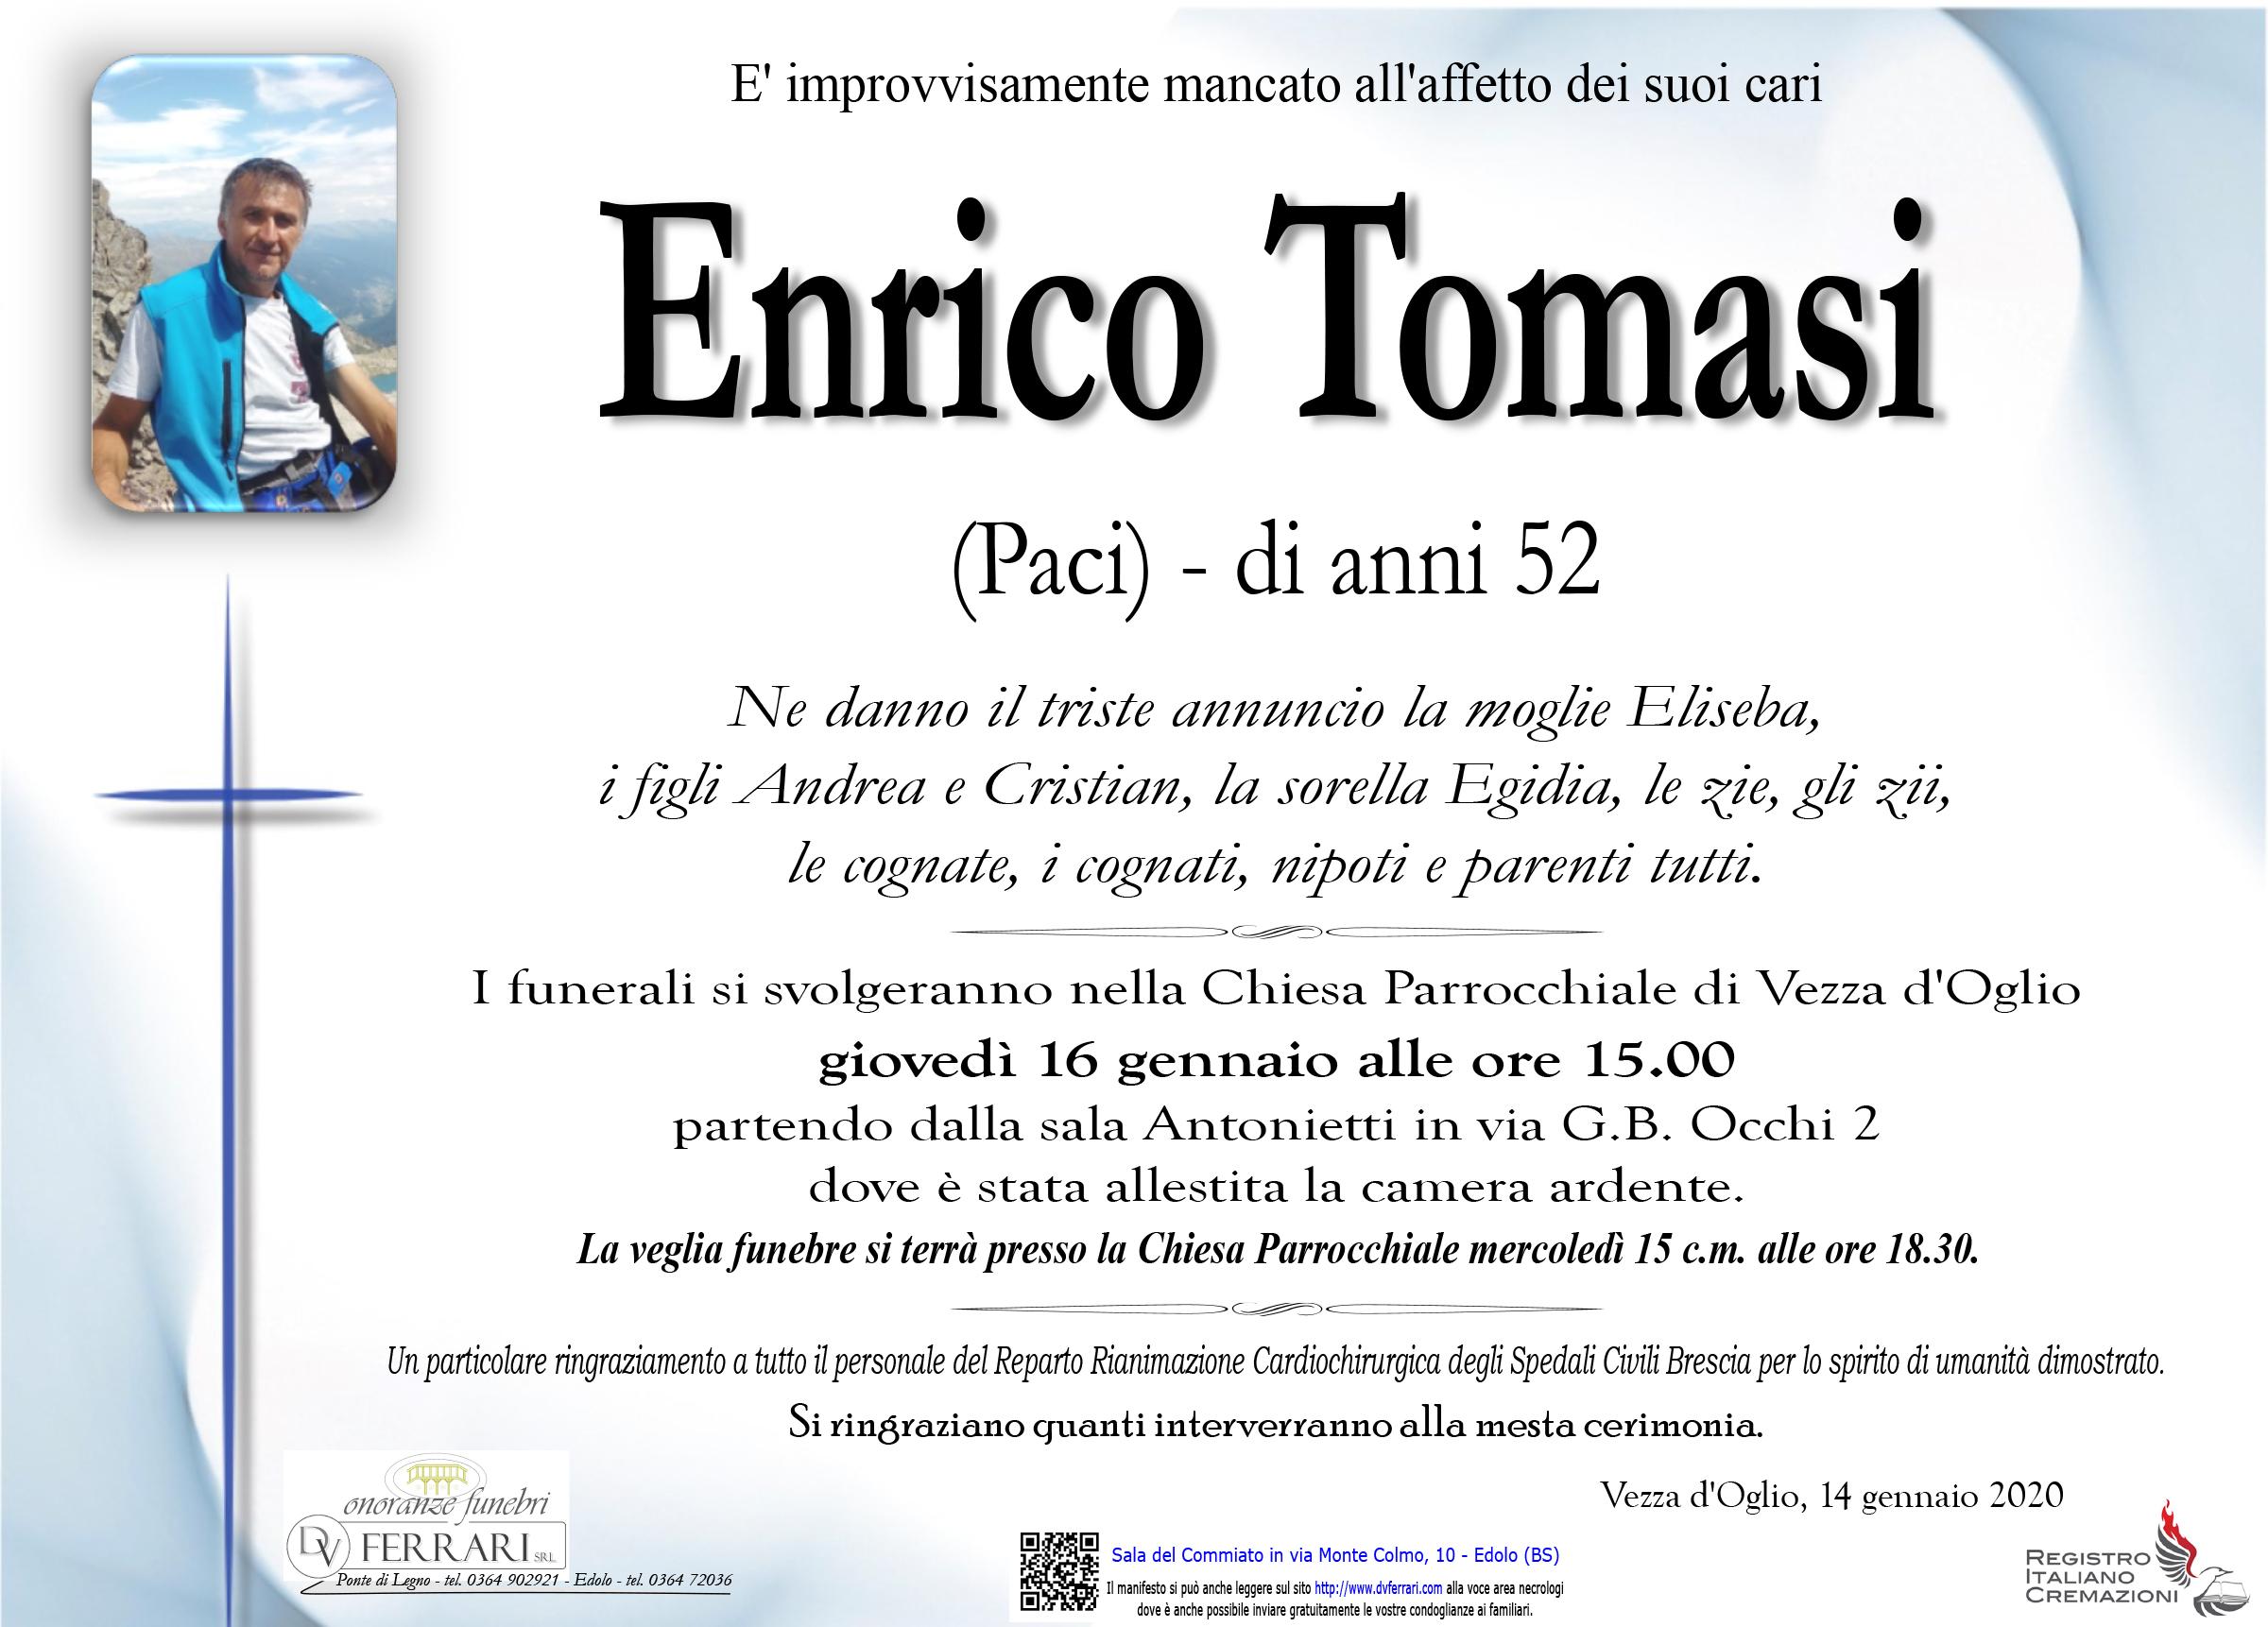 ENRICO TOMASI - VEZZA D'OGLIO